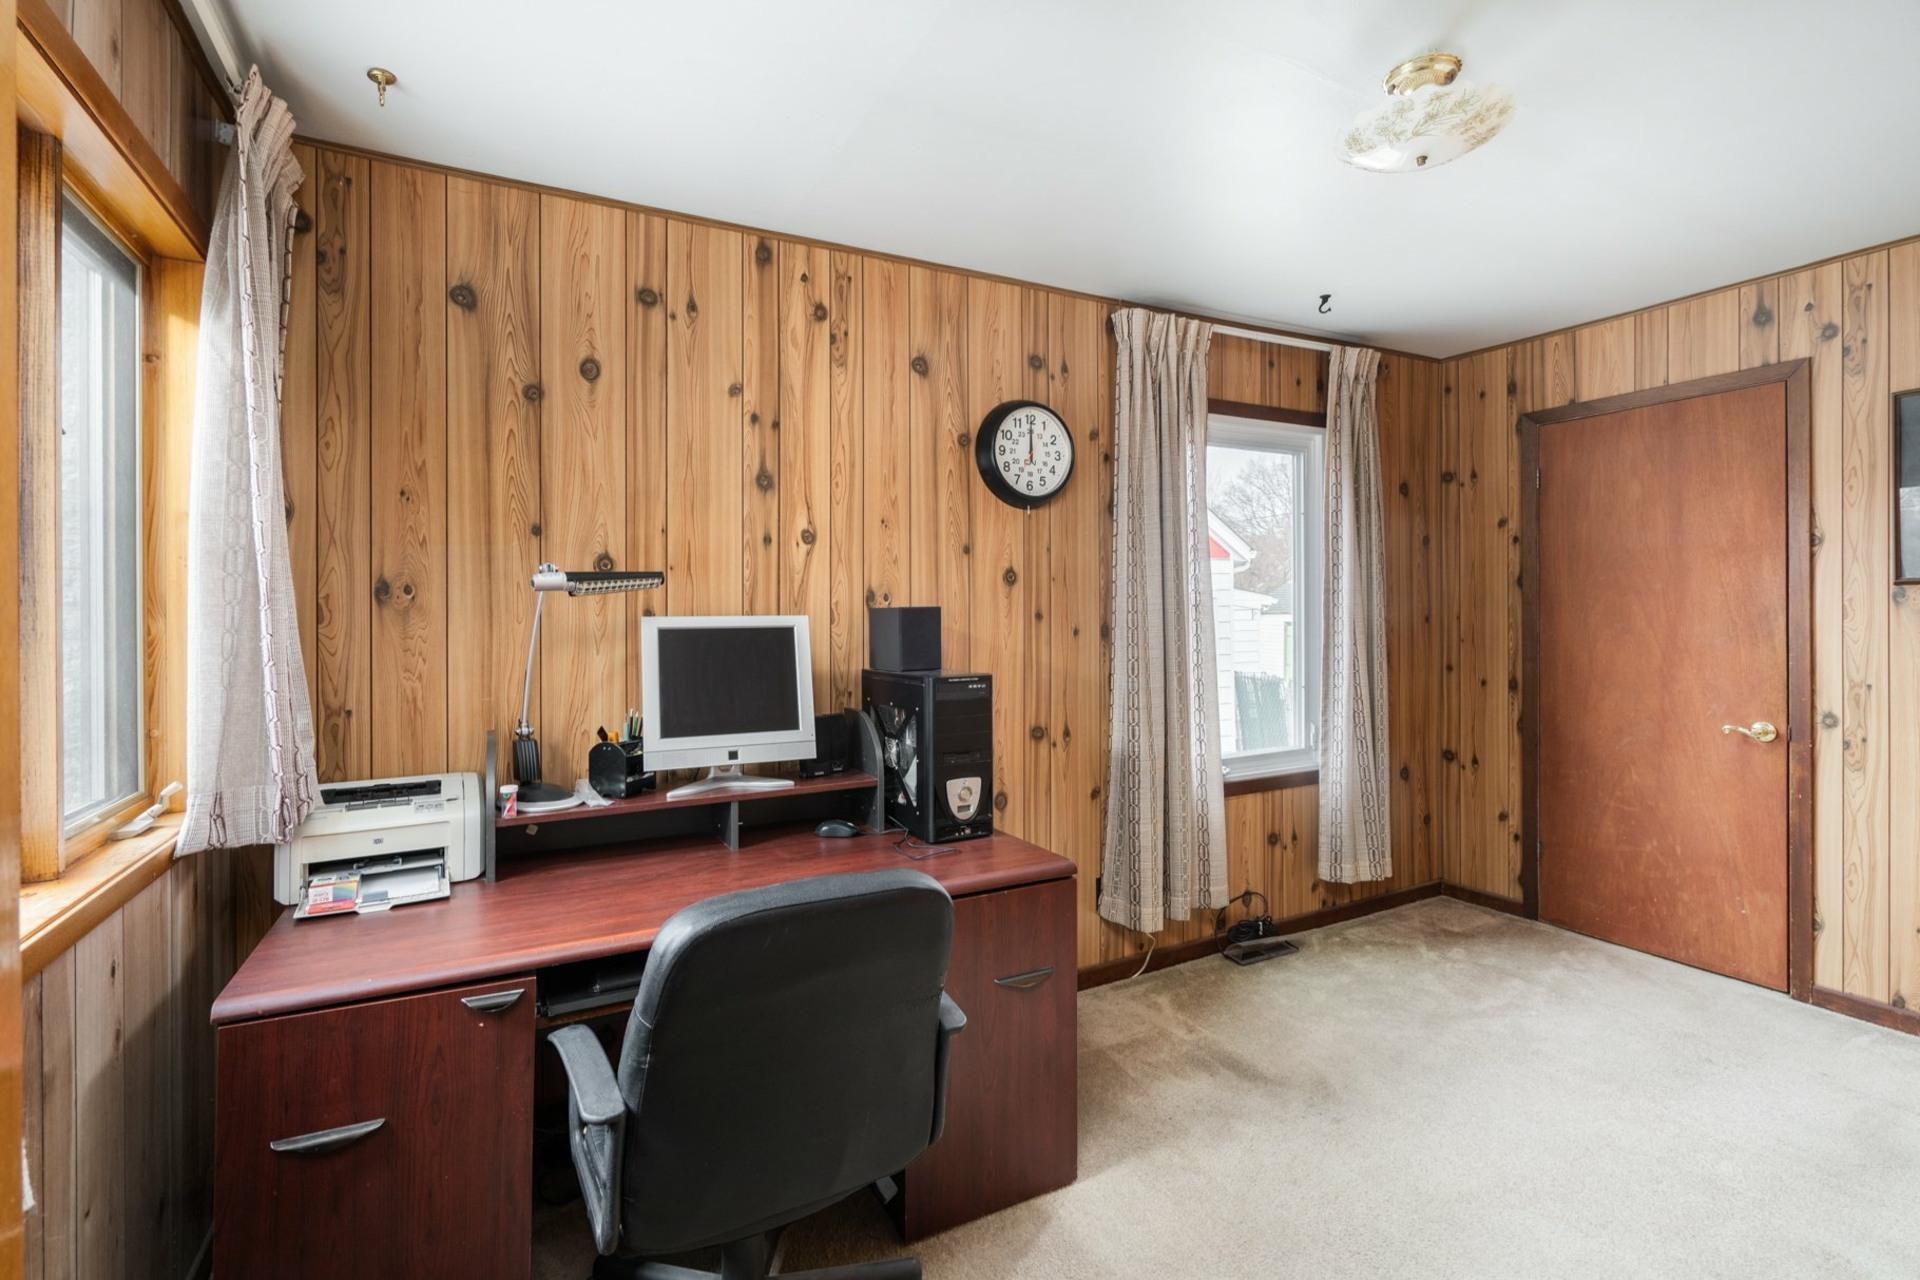 image 7 - House For sale Saint-Laurent Montréal  - 9 rooms